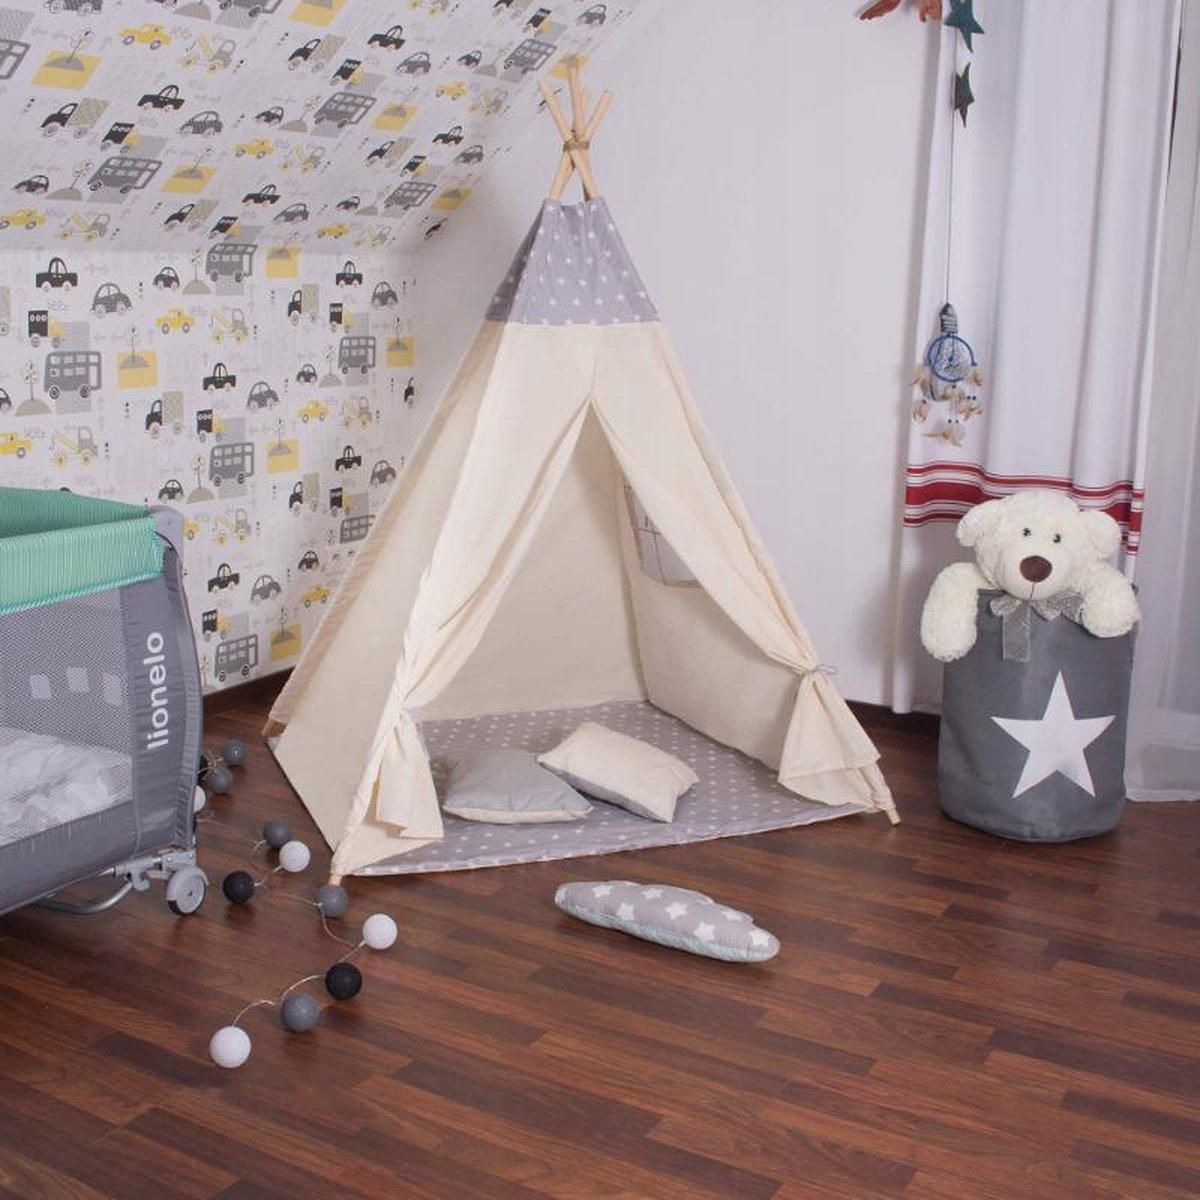 Tipi tent - Wigwam speeltent met mat en kussens - Naturel grijs sterren